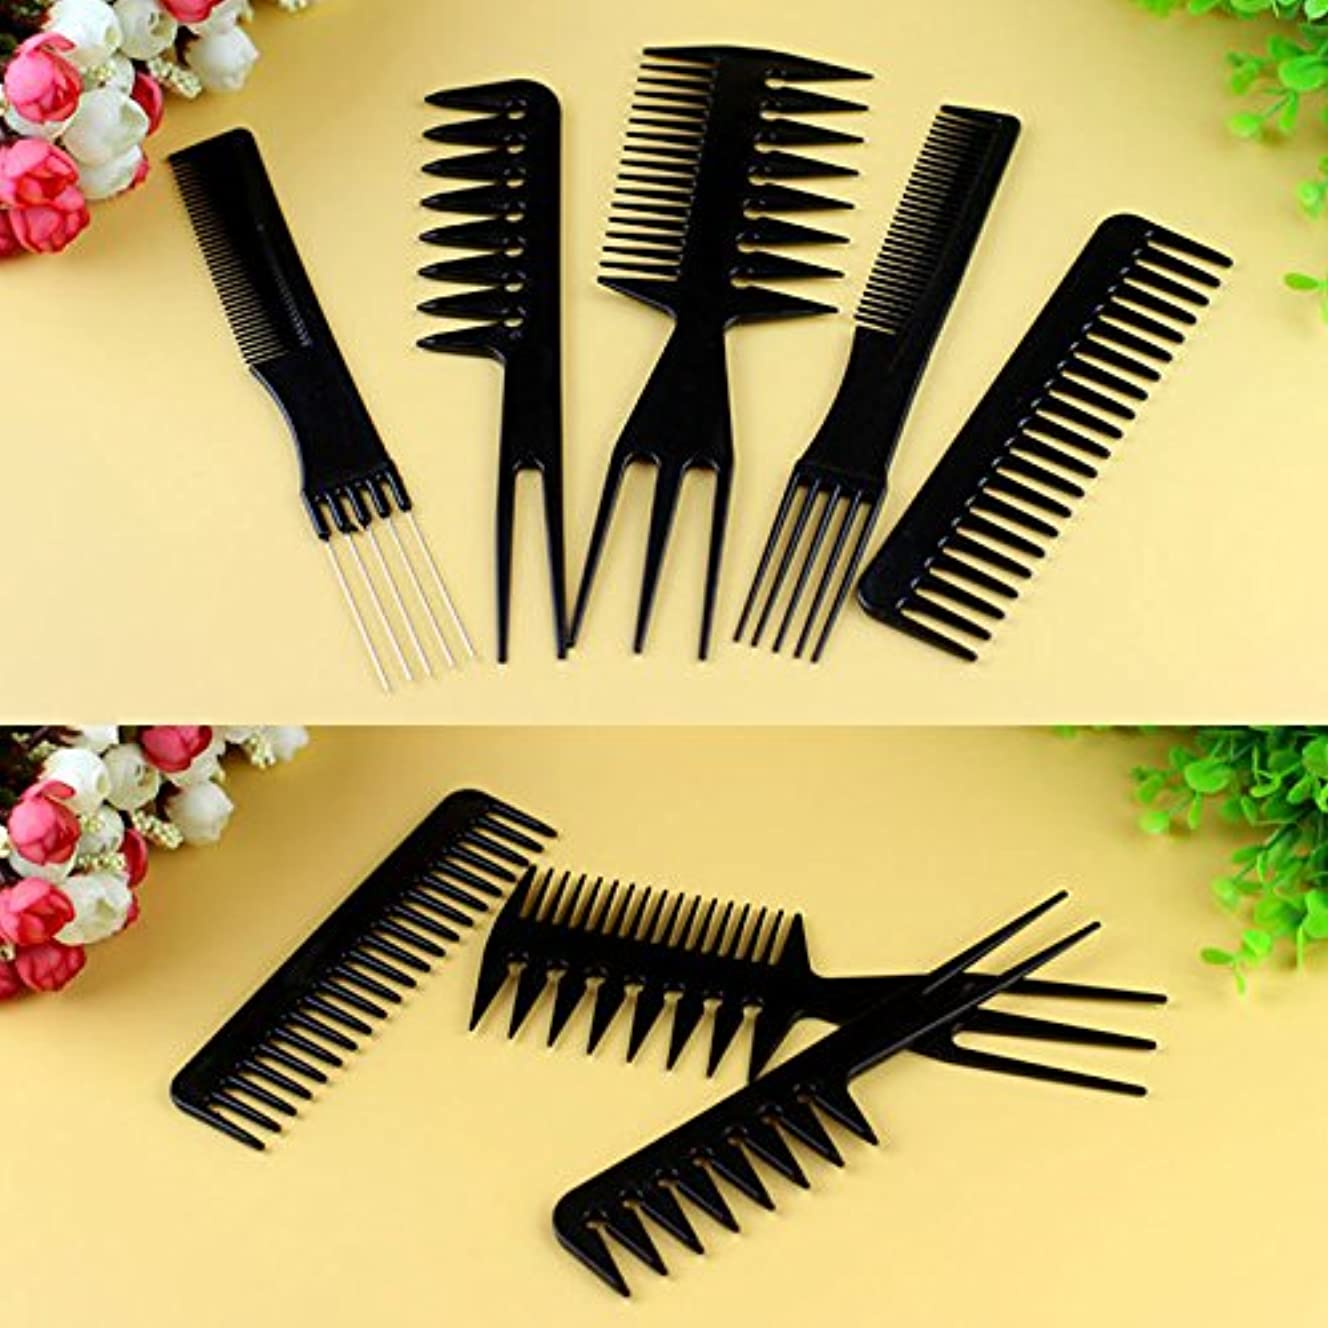 無駄な光の親密なMSmask 10個入りブラックプロサロン ヘアスタイリング理髪 プラスチック理髪店 ブラシコムズセット